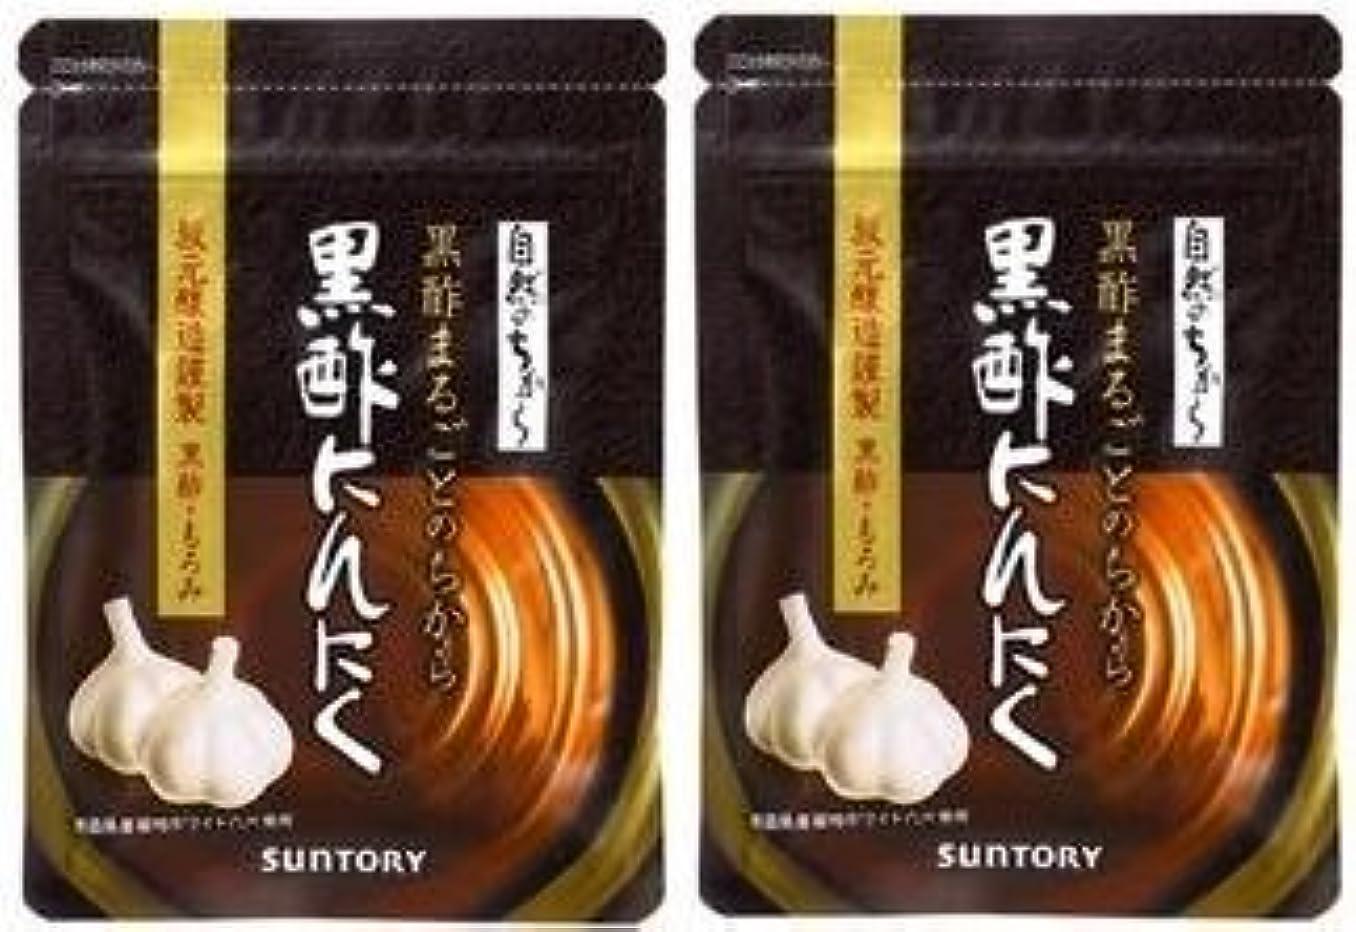 下存在する説明【2袋セット】サントリー 黒酢にんにく 60粒